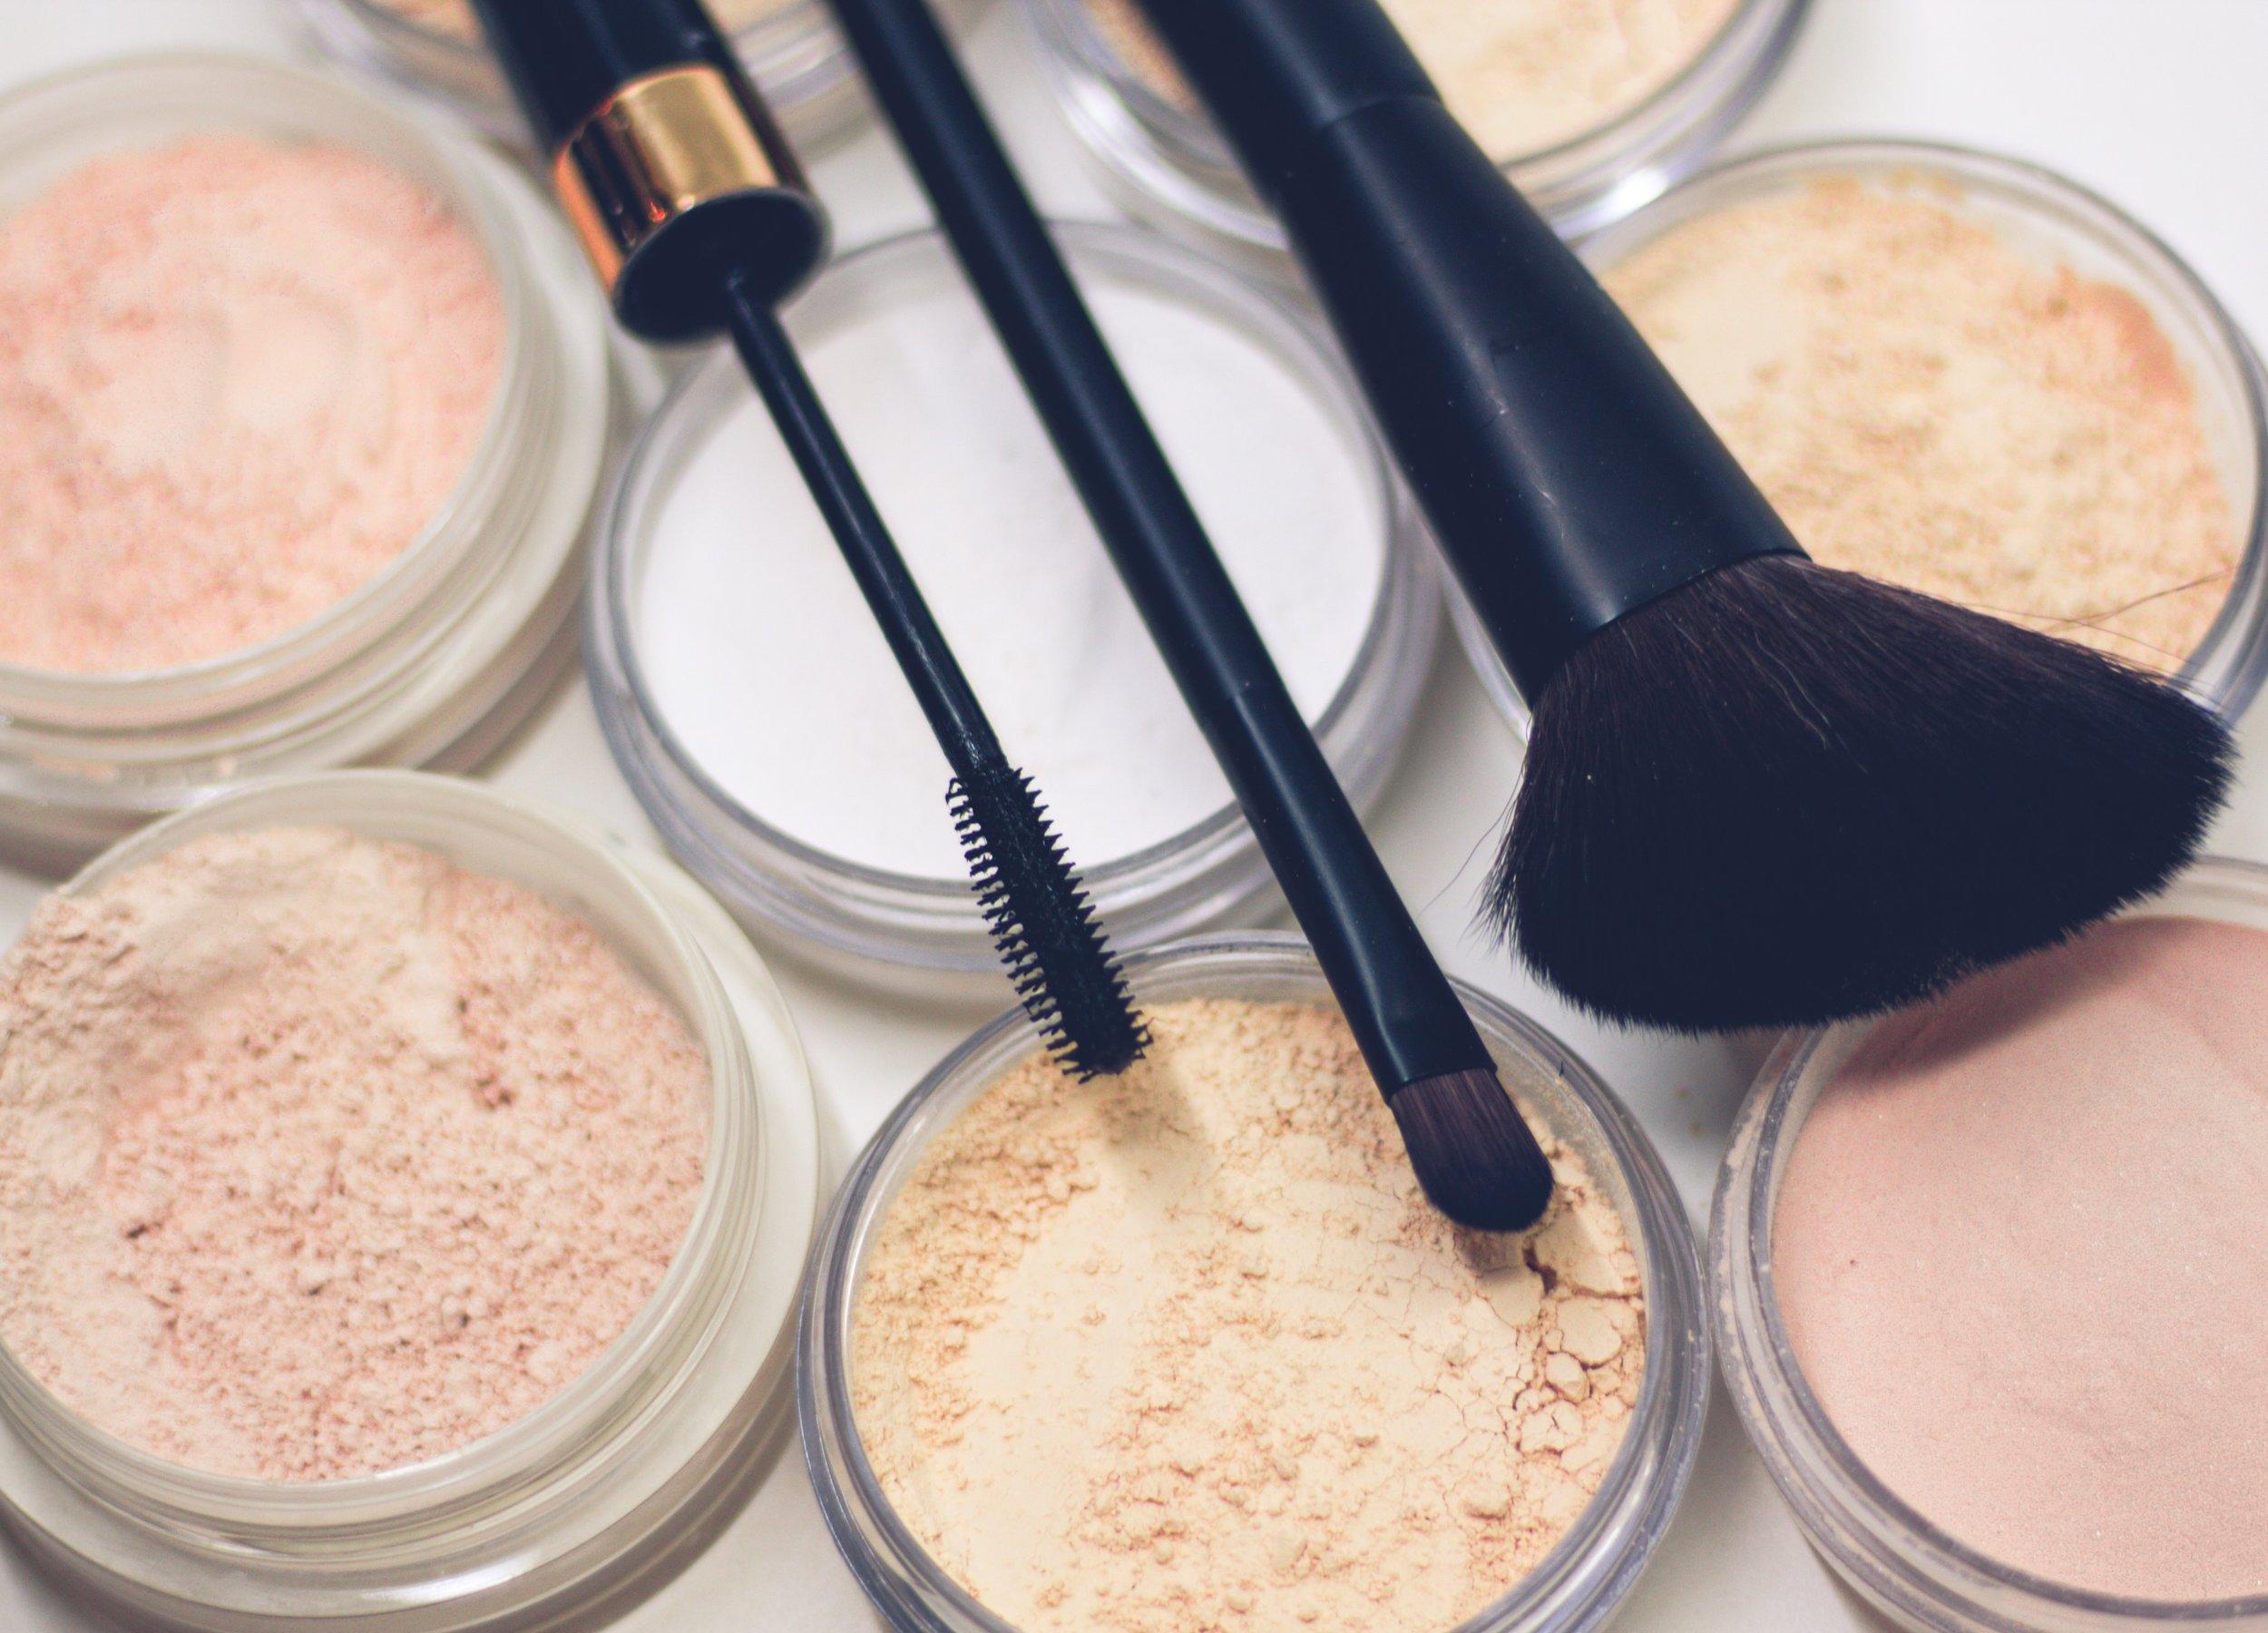 cruelty-free_makeup